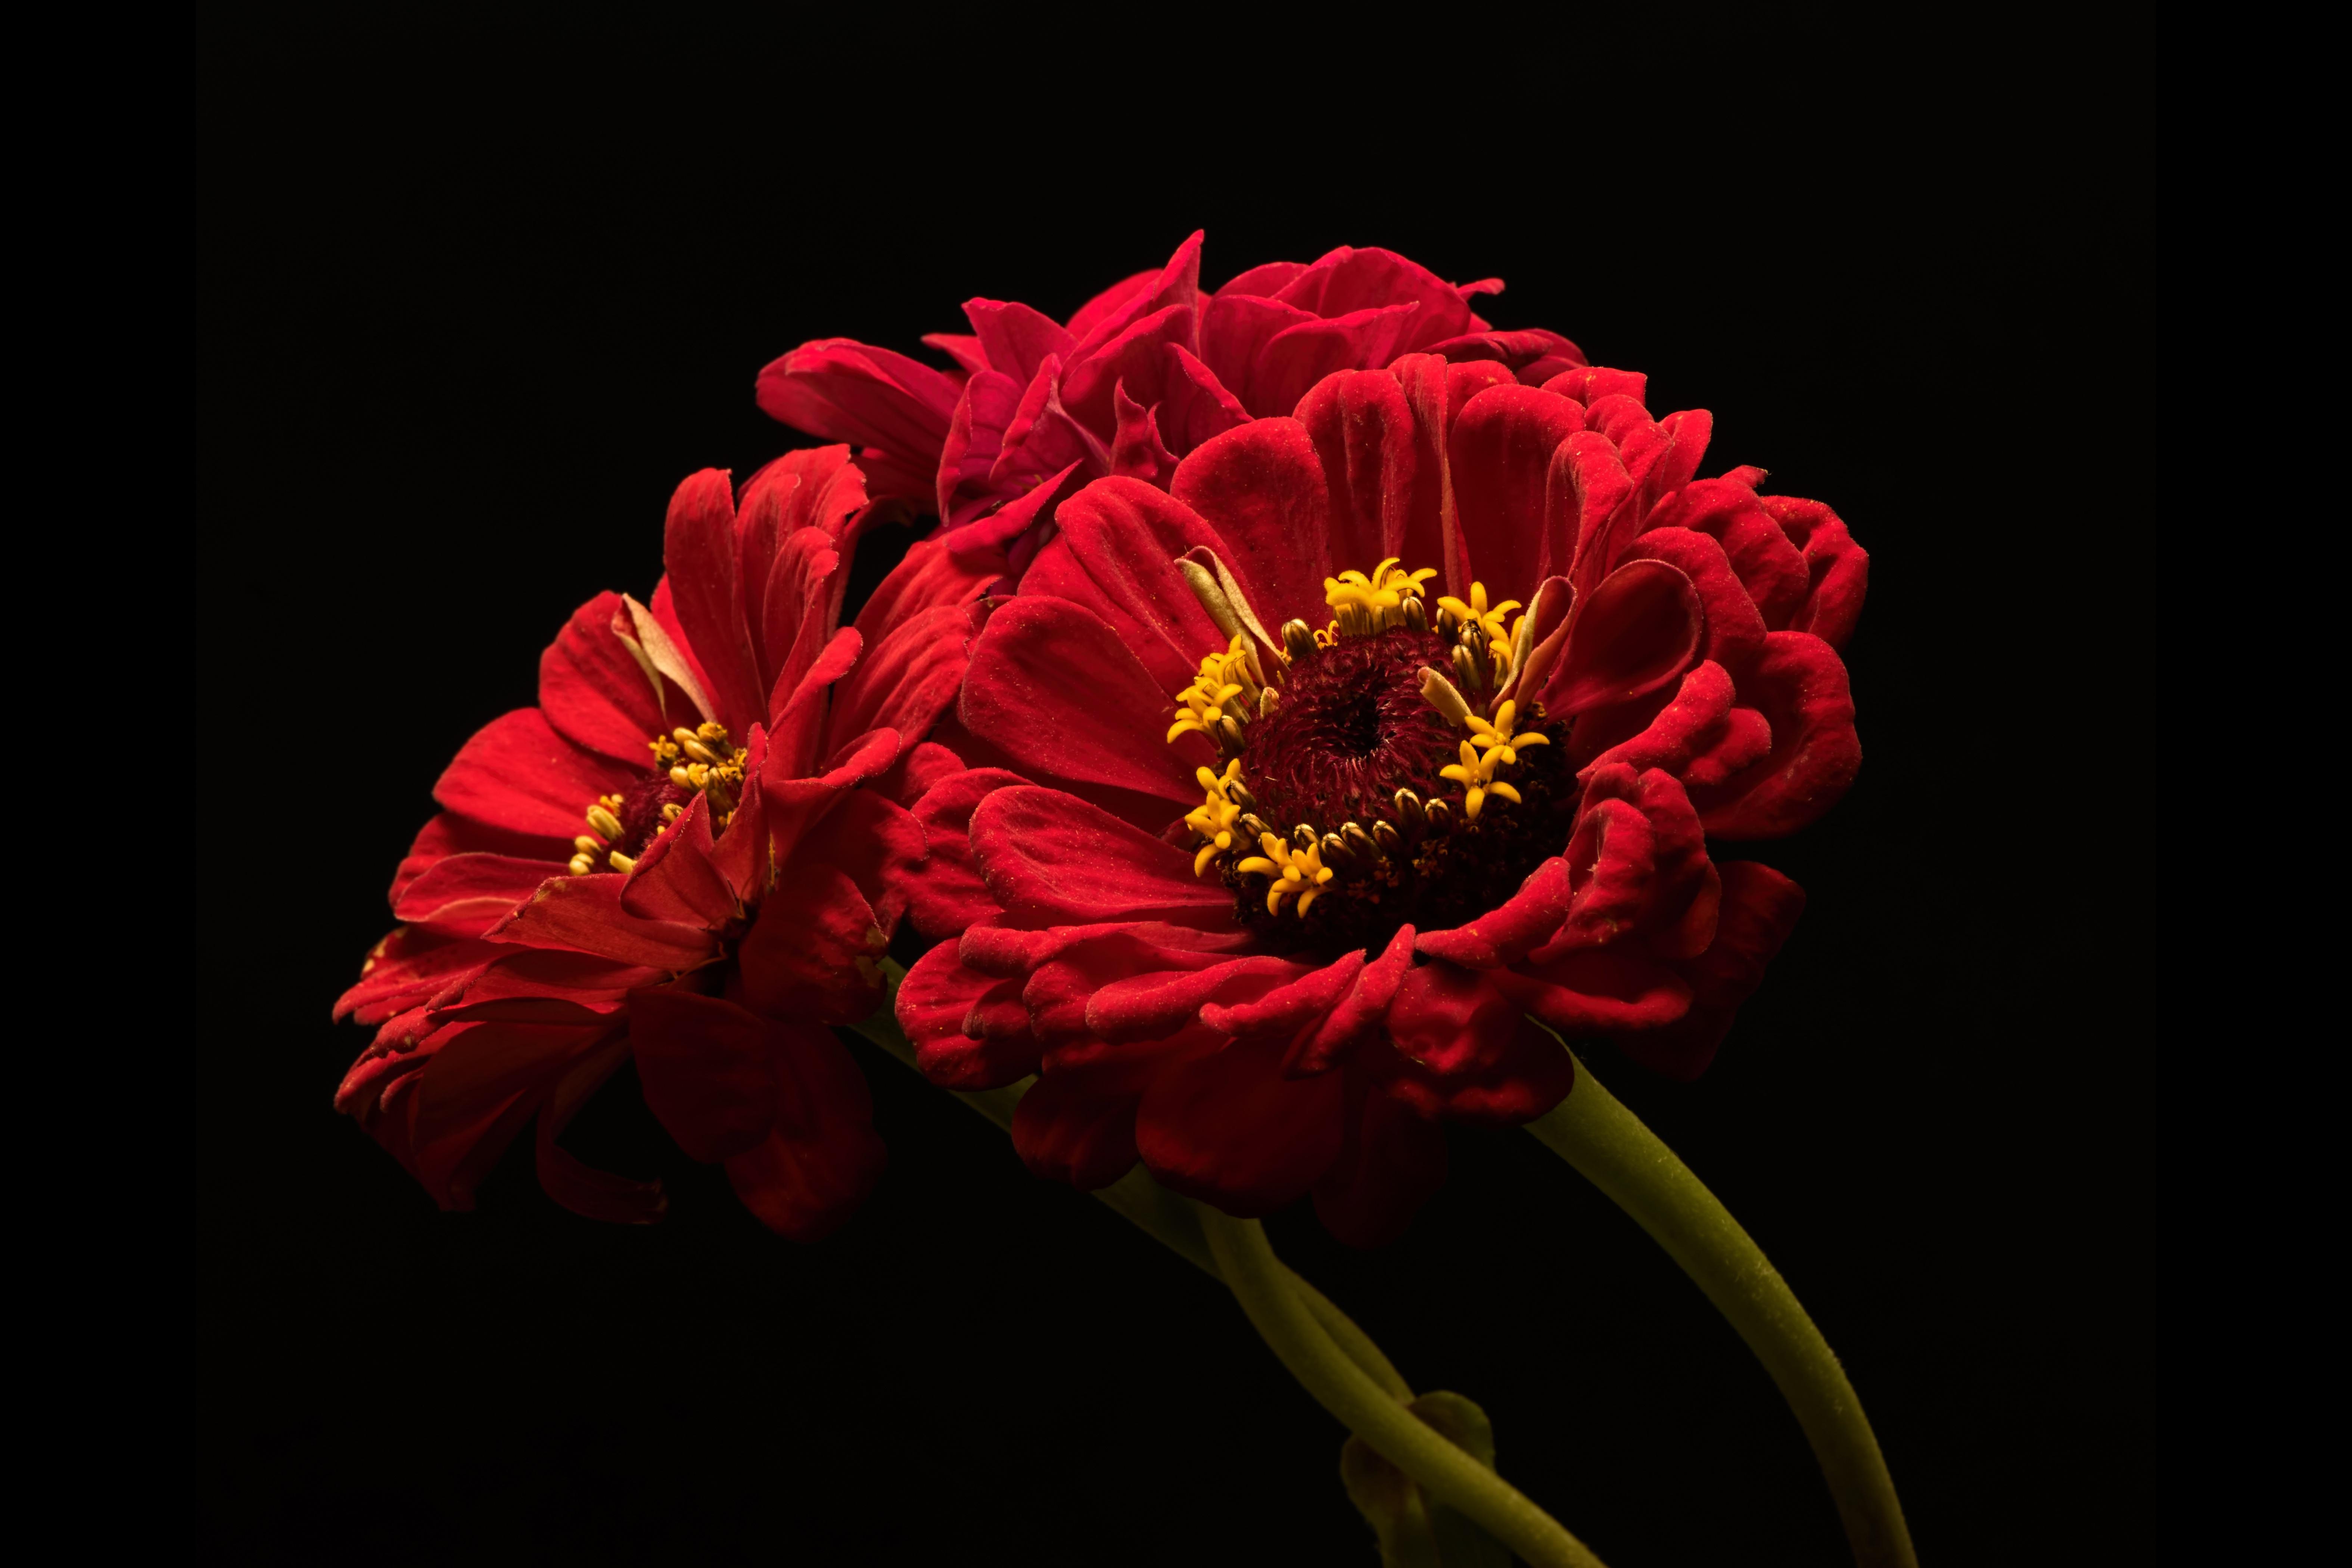 Картинка три цветка на черном фоне нашли сети